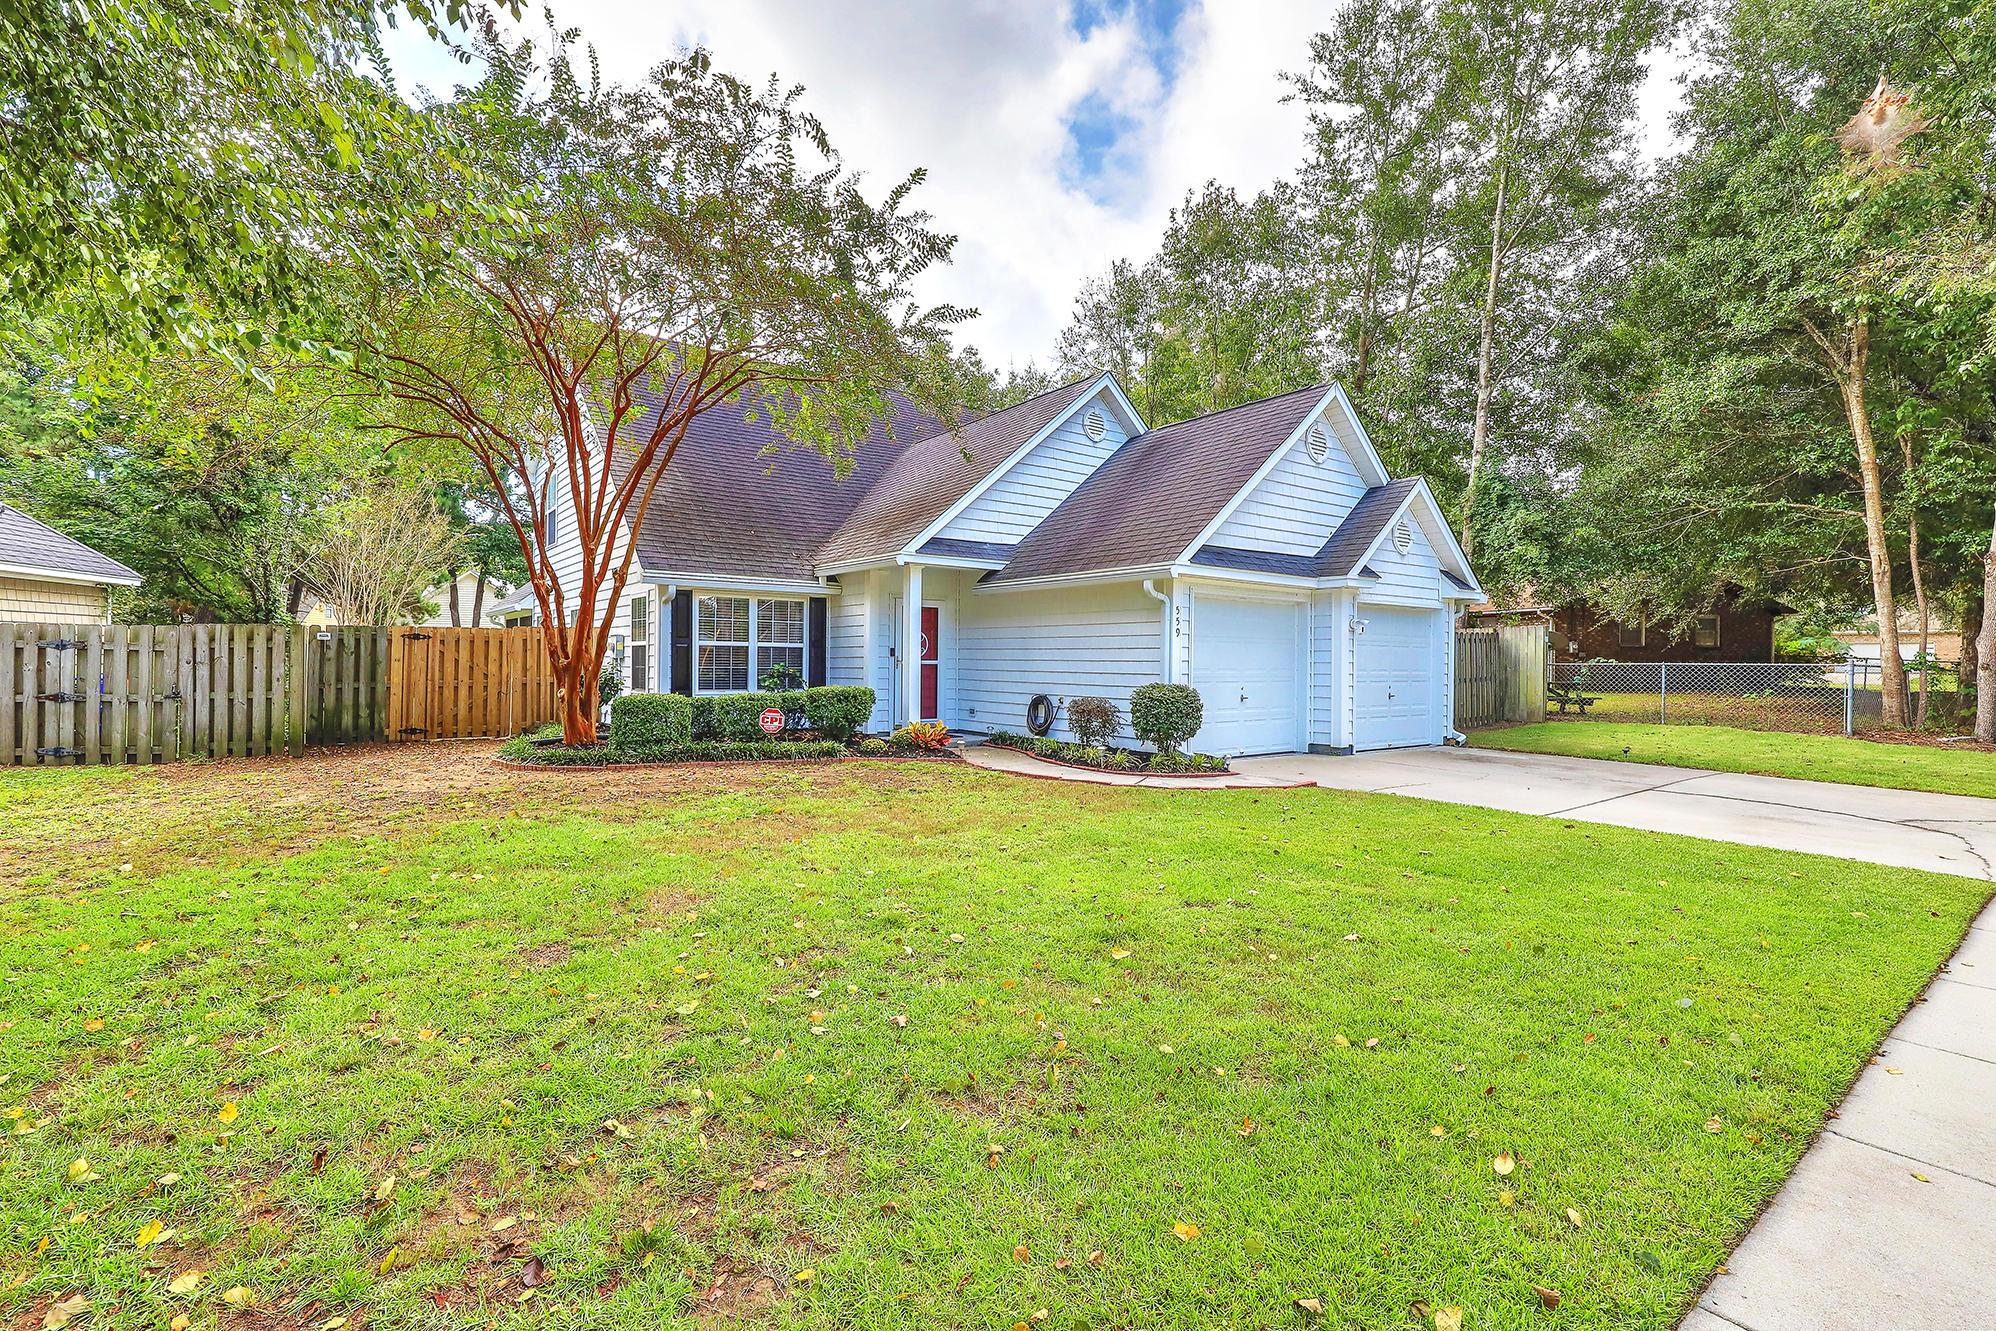 Lawton Harbor Homes For Sale - 559 Cecilia Cove, Charleston, SC - 1